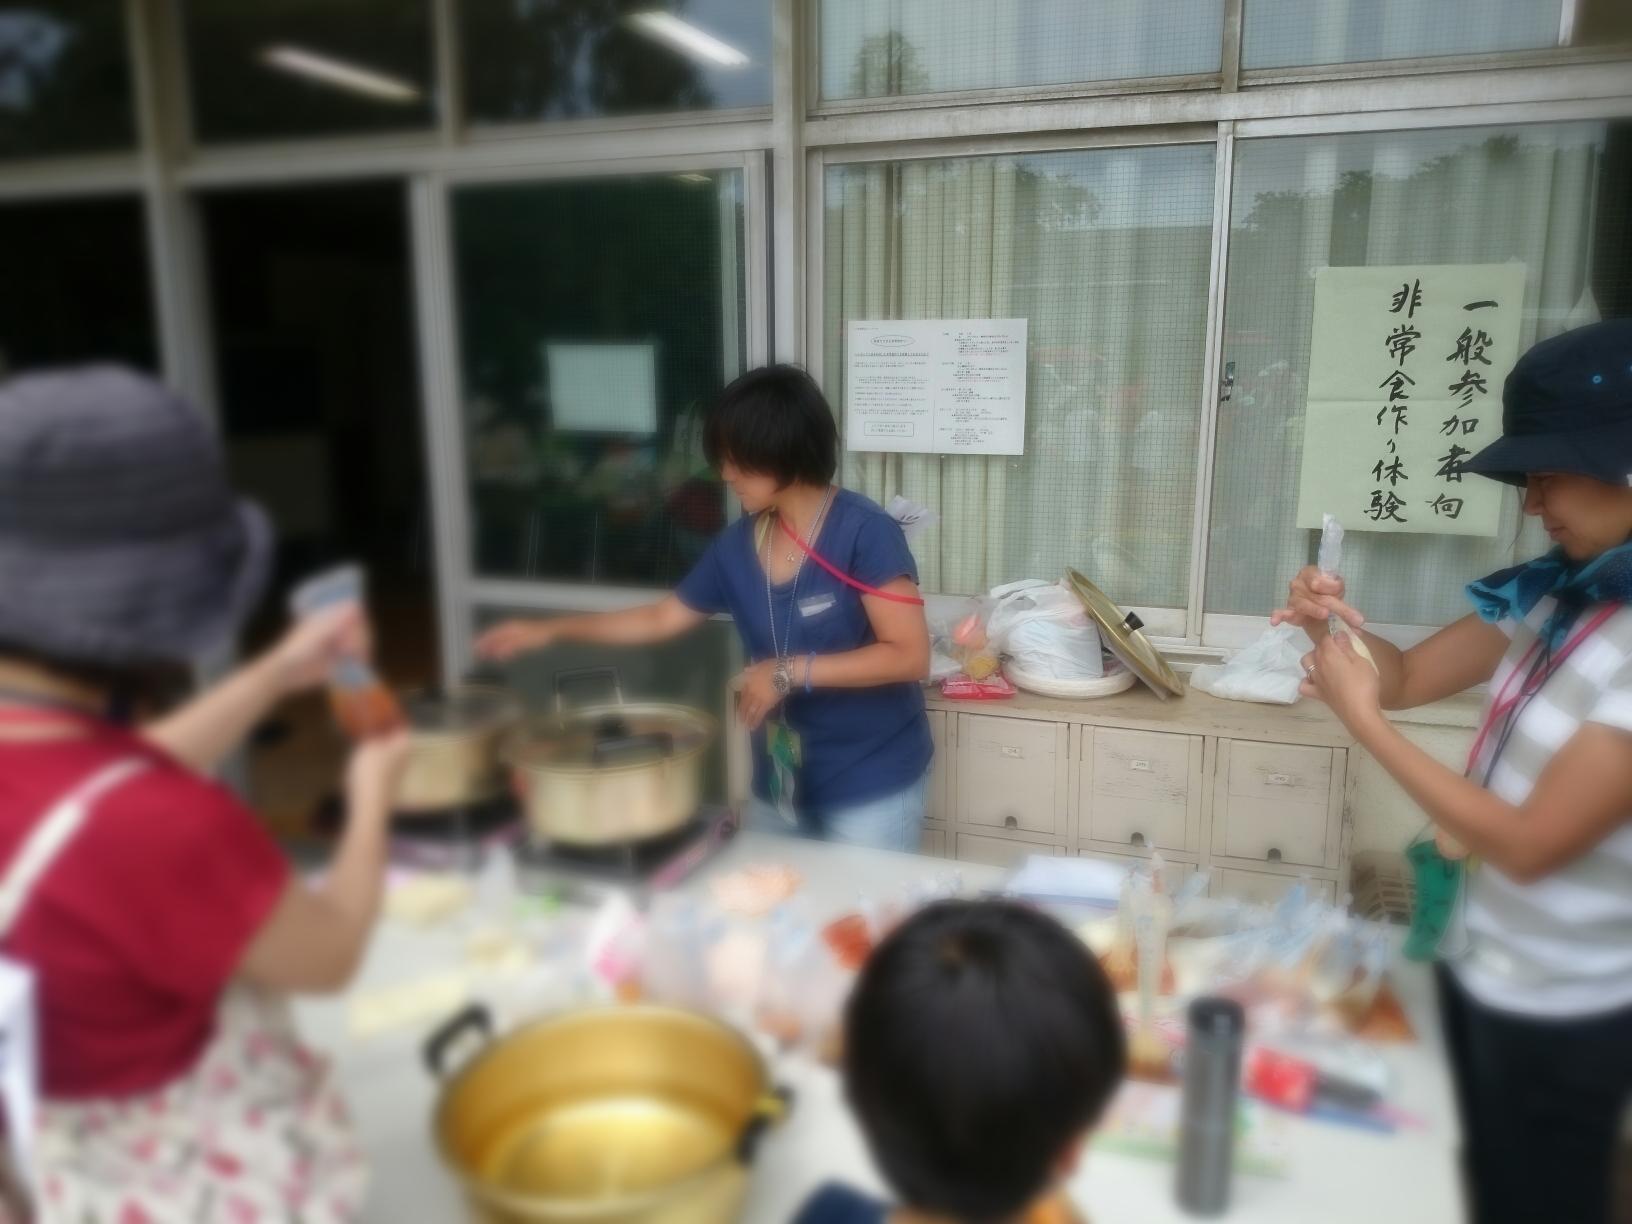 非常食作り紹介 PTAさんがお鍋の水を沸かして、ハイゼックス袋にいれたご飯などの調理と試食コーナー